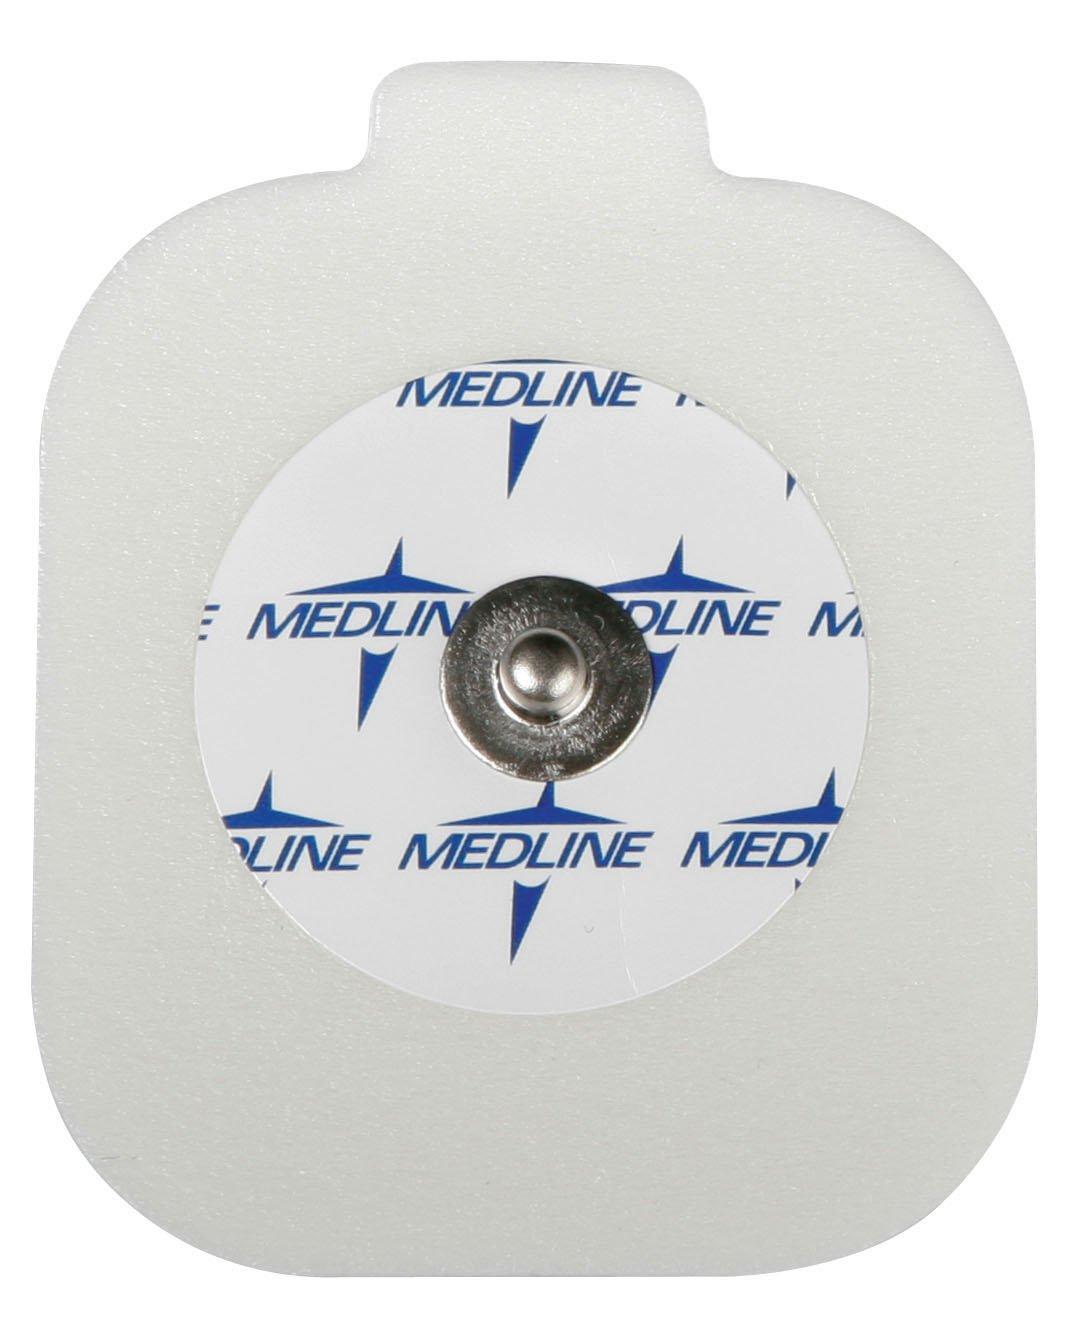 Medline MDSM611505CT MedGel General Monitoring Foam Electrodes, White (Container of 1000)